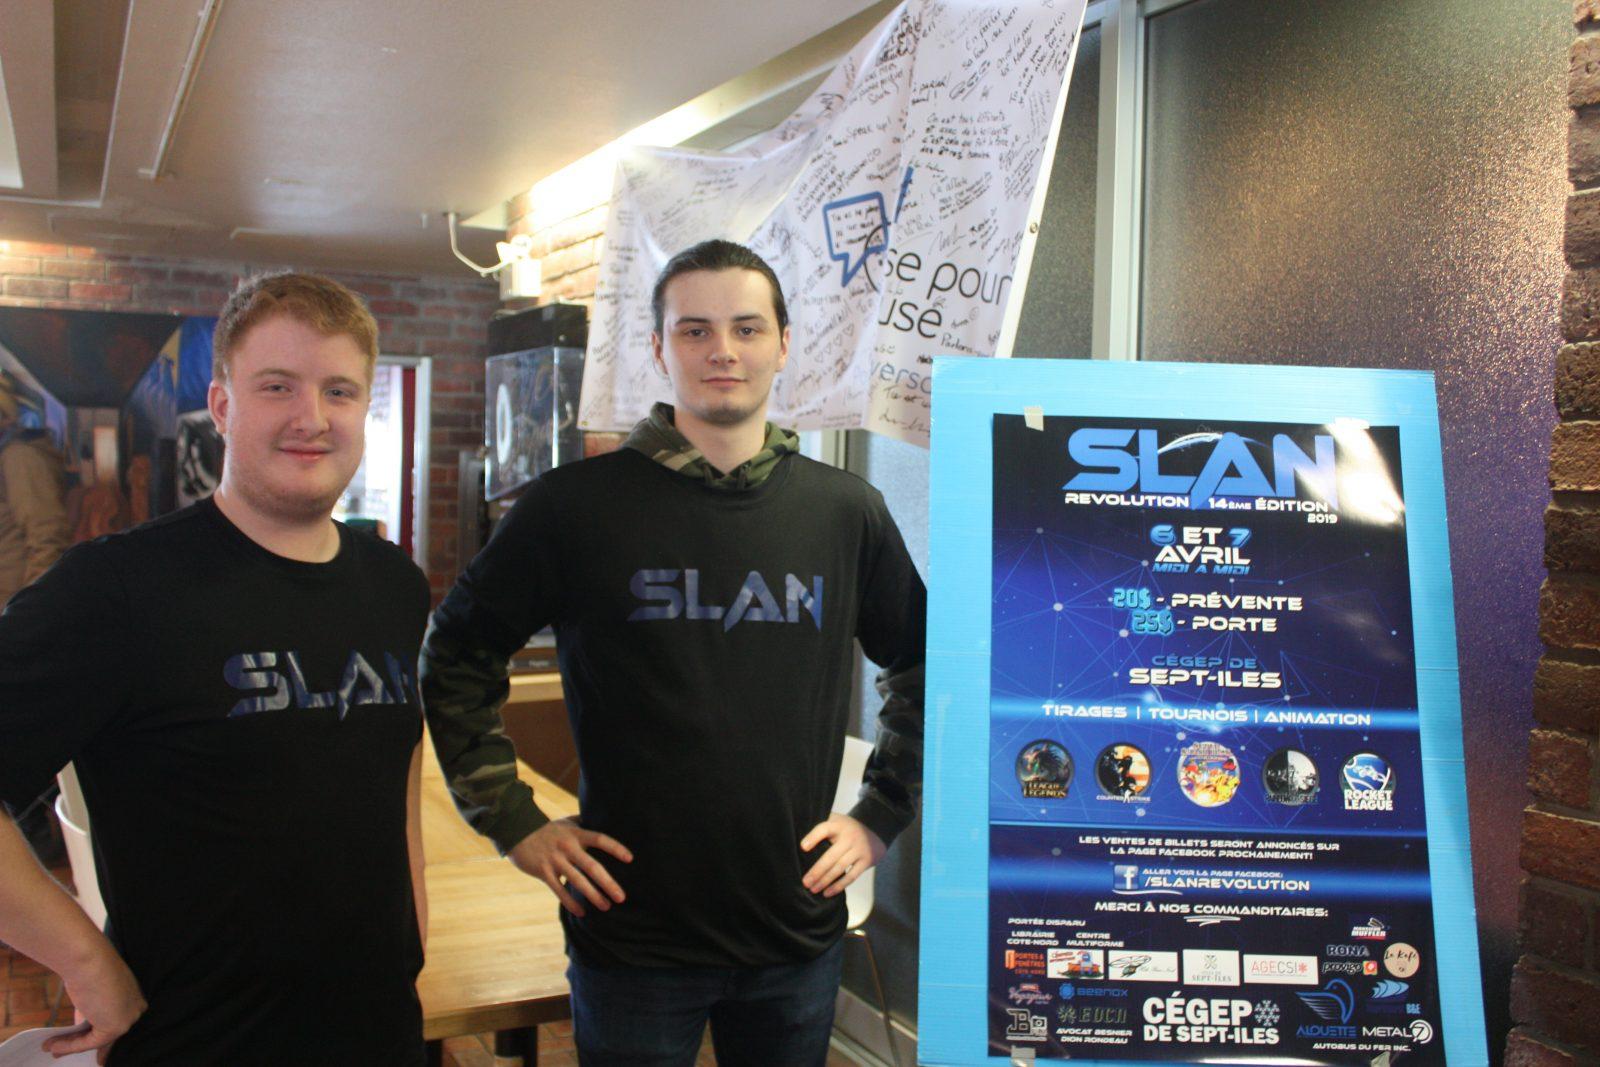 24h de jeu au SLAN Revolution